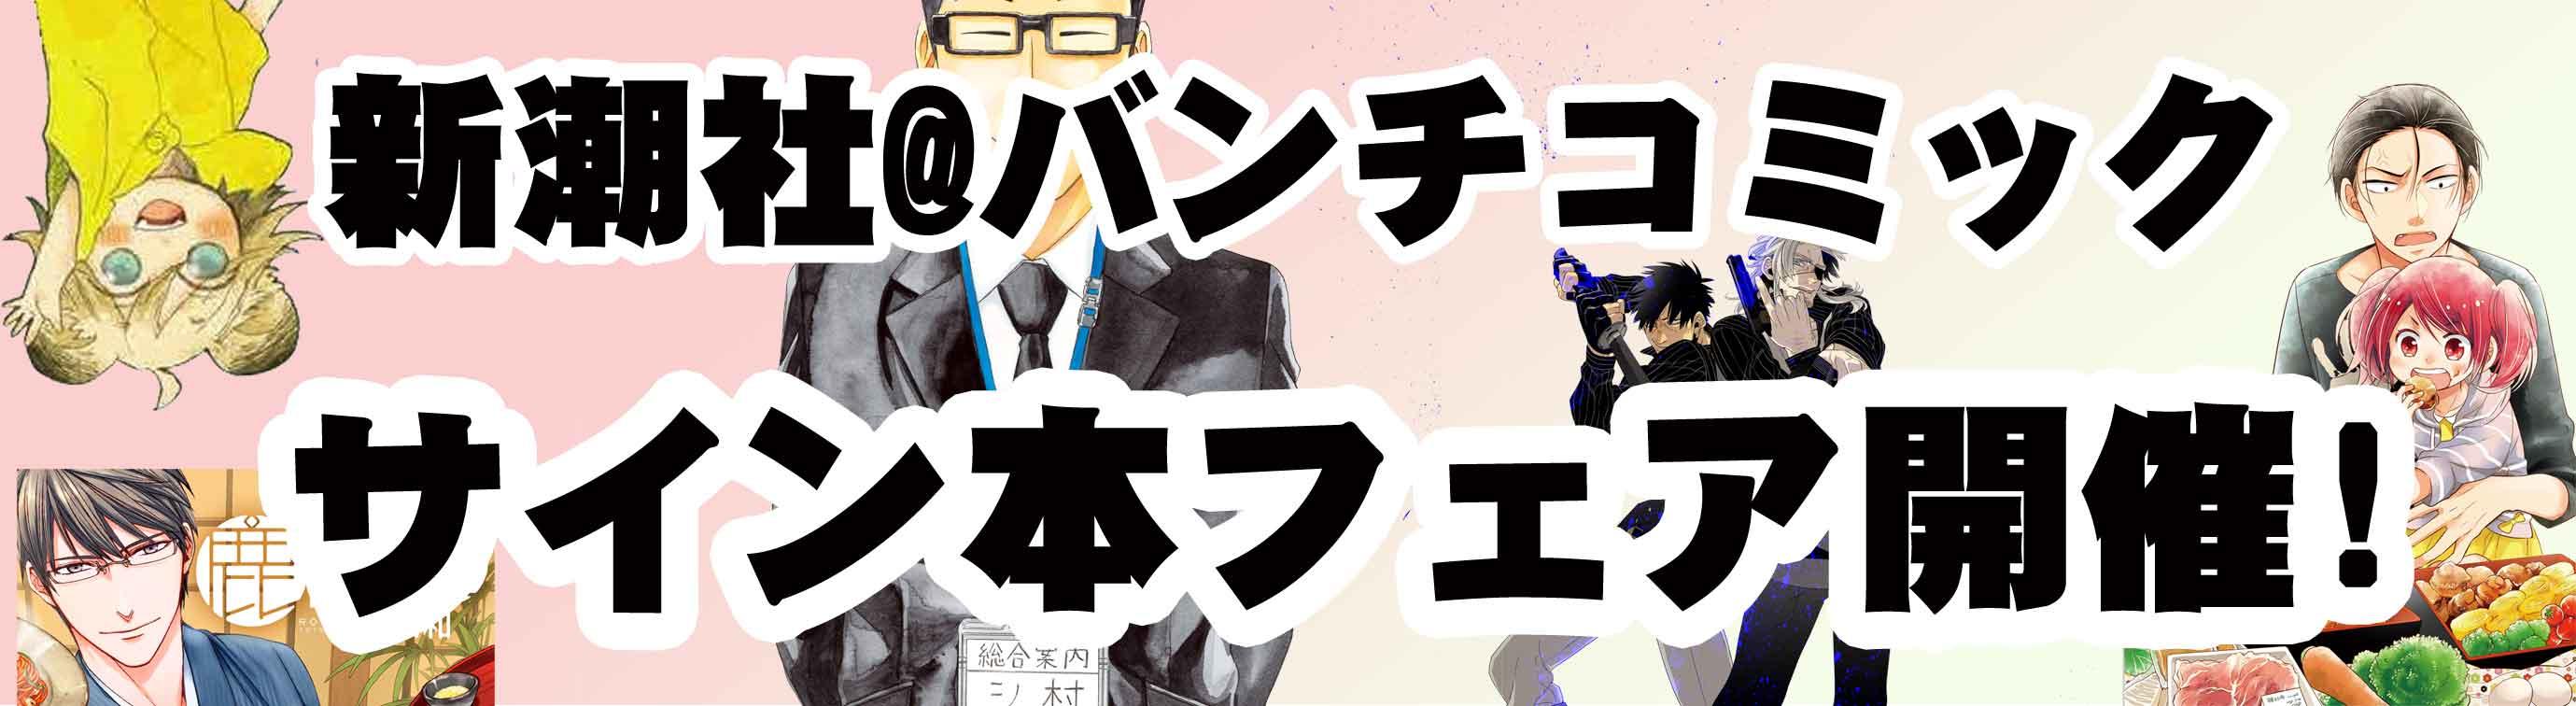 新潮社@バンチサイン本フェア201702